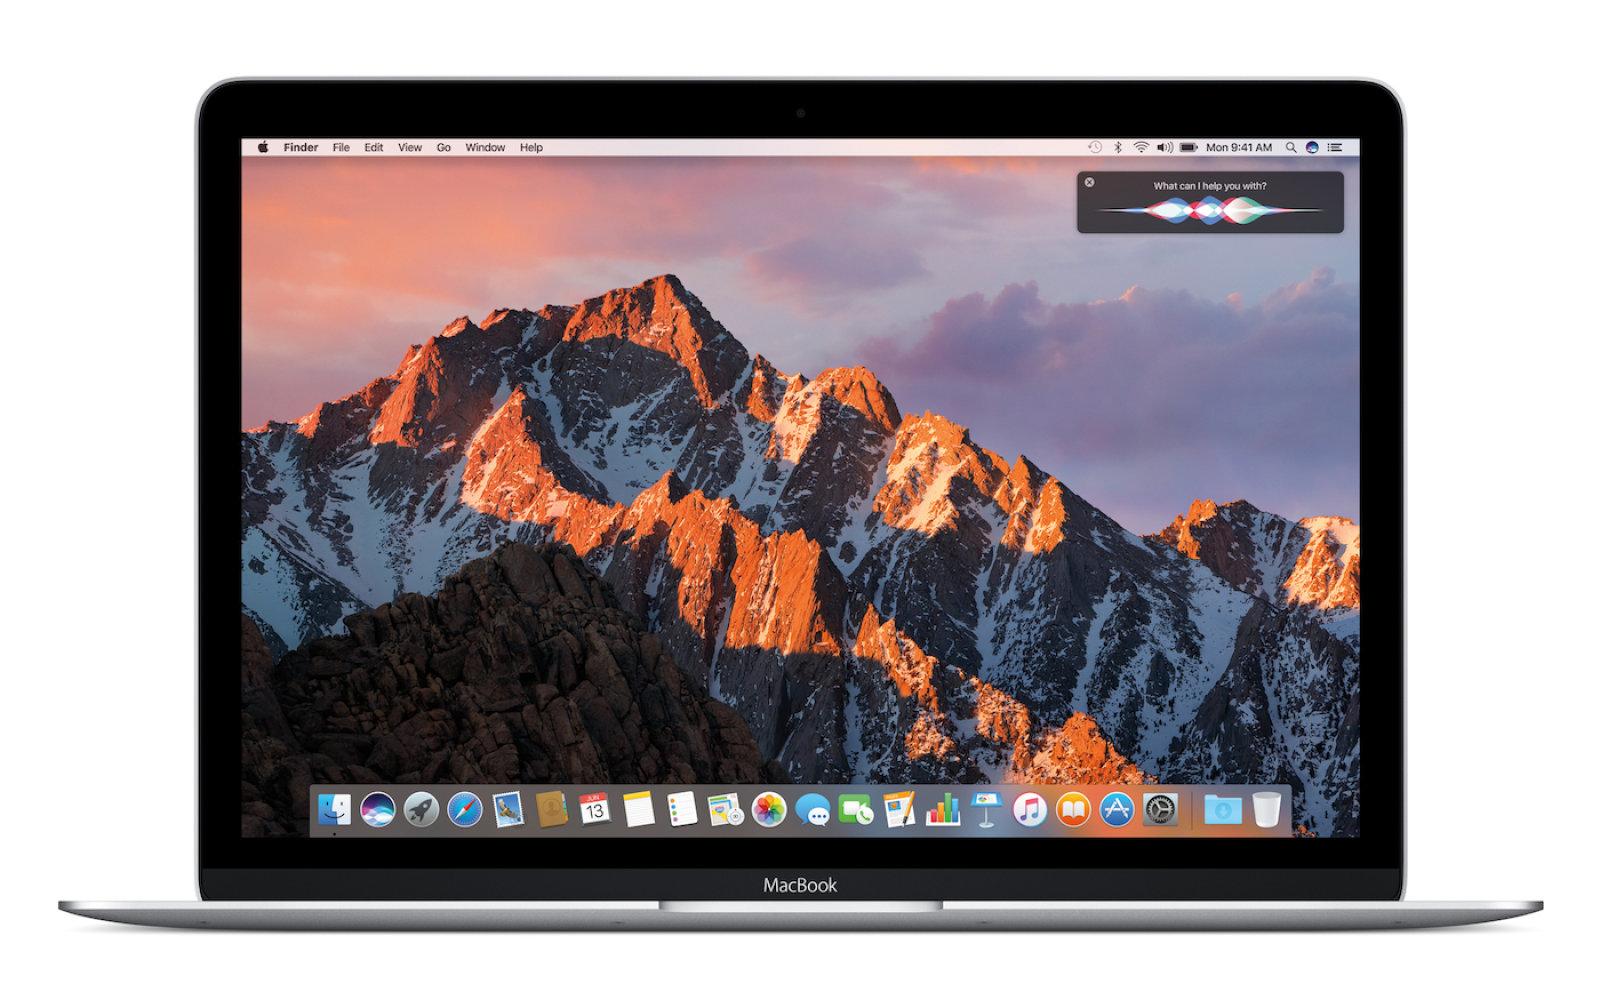 Уязвимость в ОС macOS High Sierra позволяет получить права root-пользователя в обход пароля